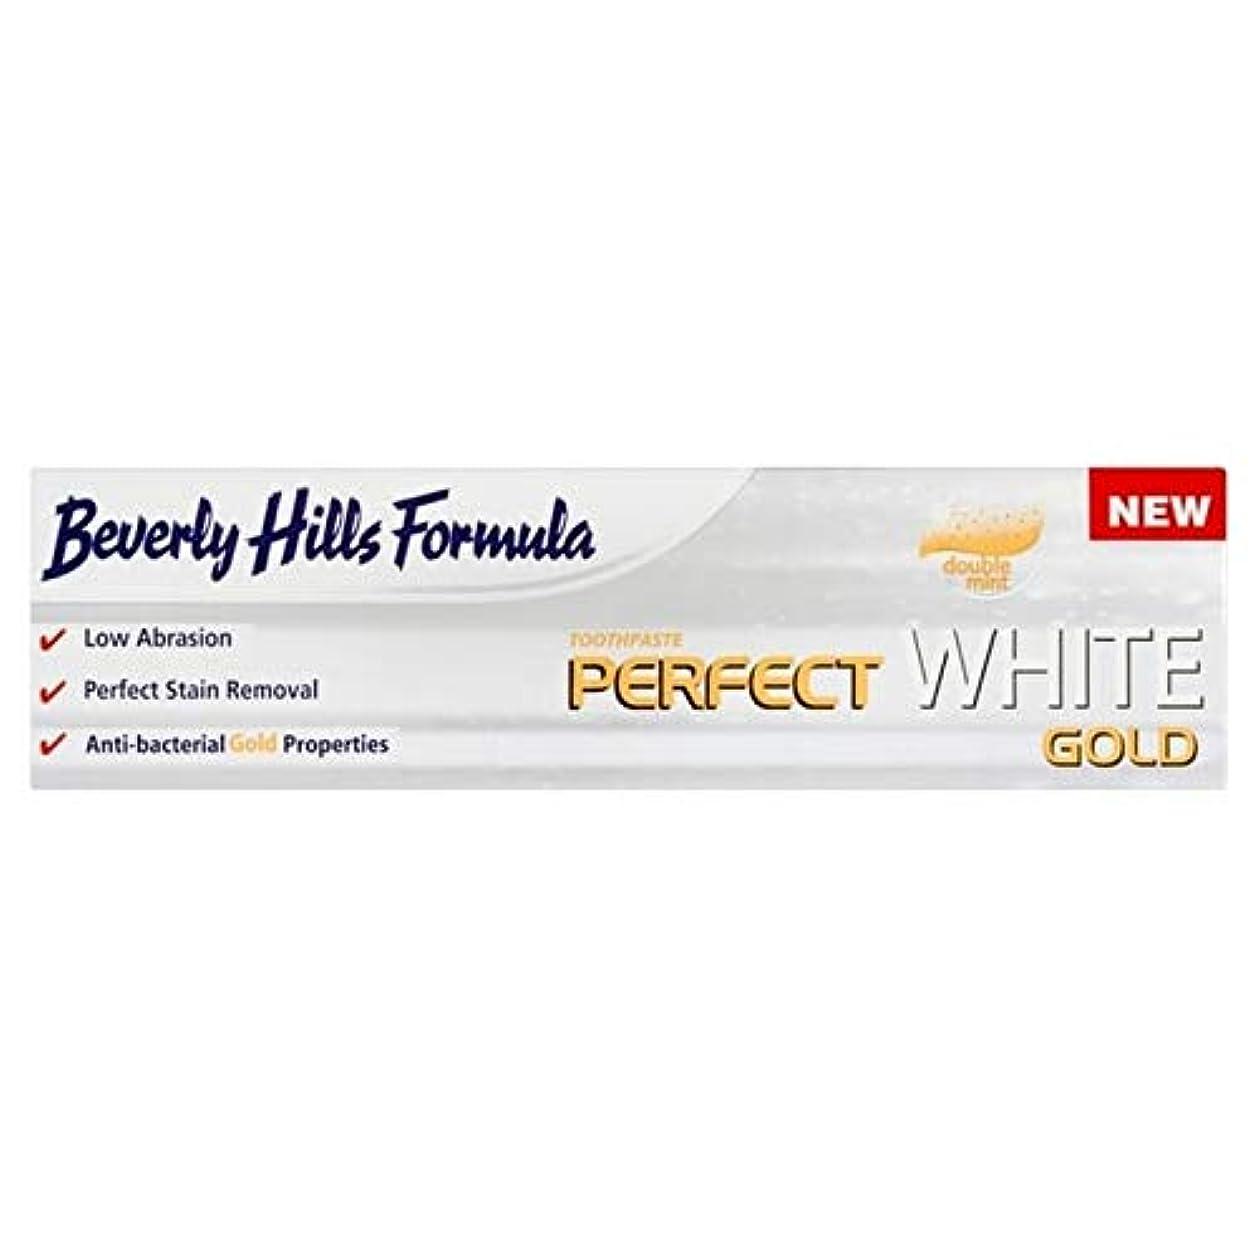 ローン褐色私達[Beverly Hills ] ビバリーヒルズ公式パーフェクトホワイトゴールドの100ミリリットル - Beverly Hills Formula Perfect White Gold 100ml [並行輸入品]